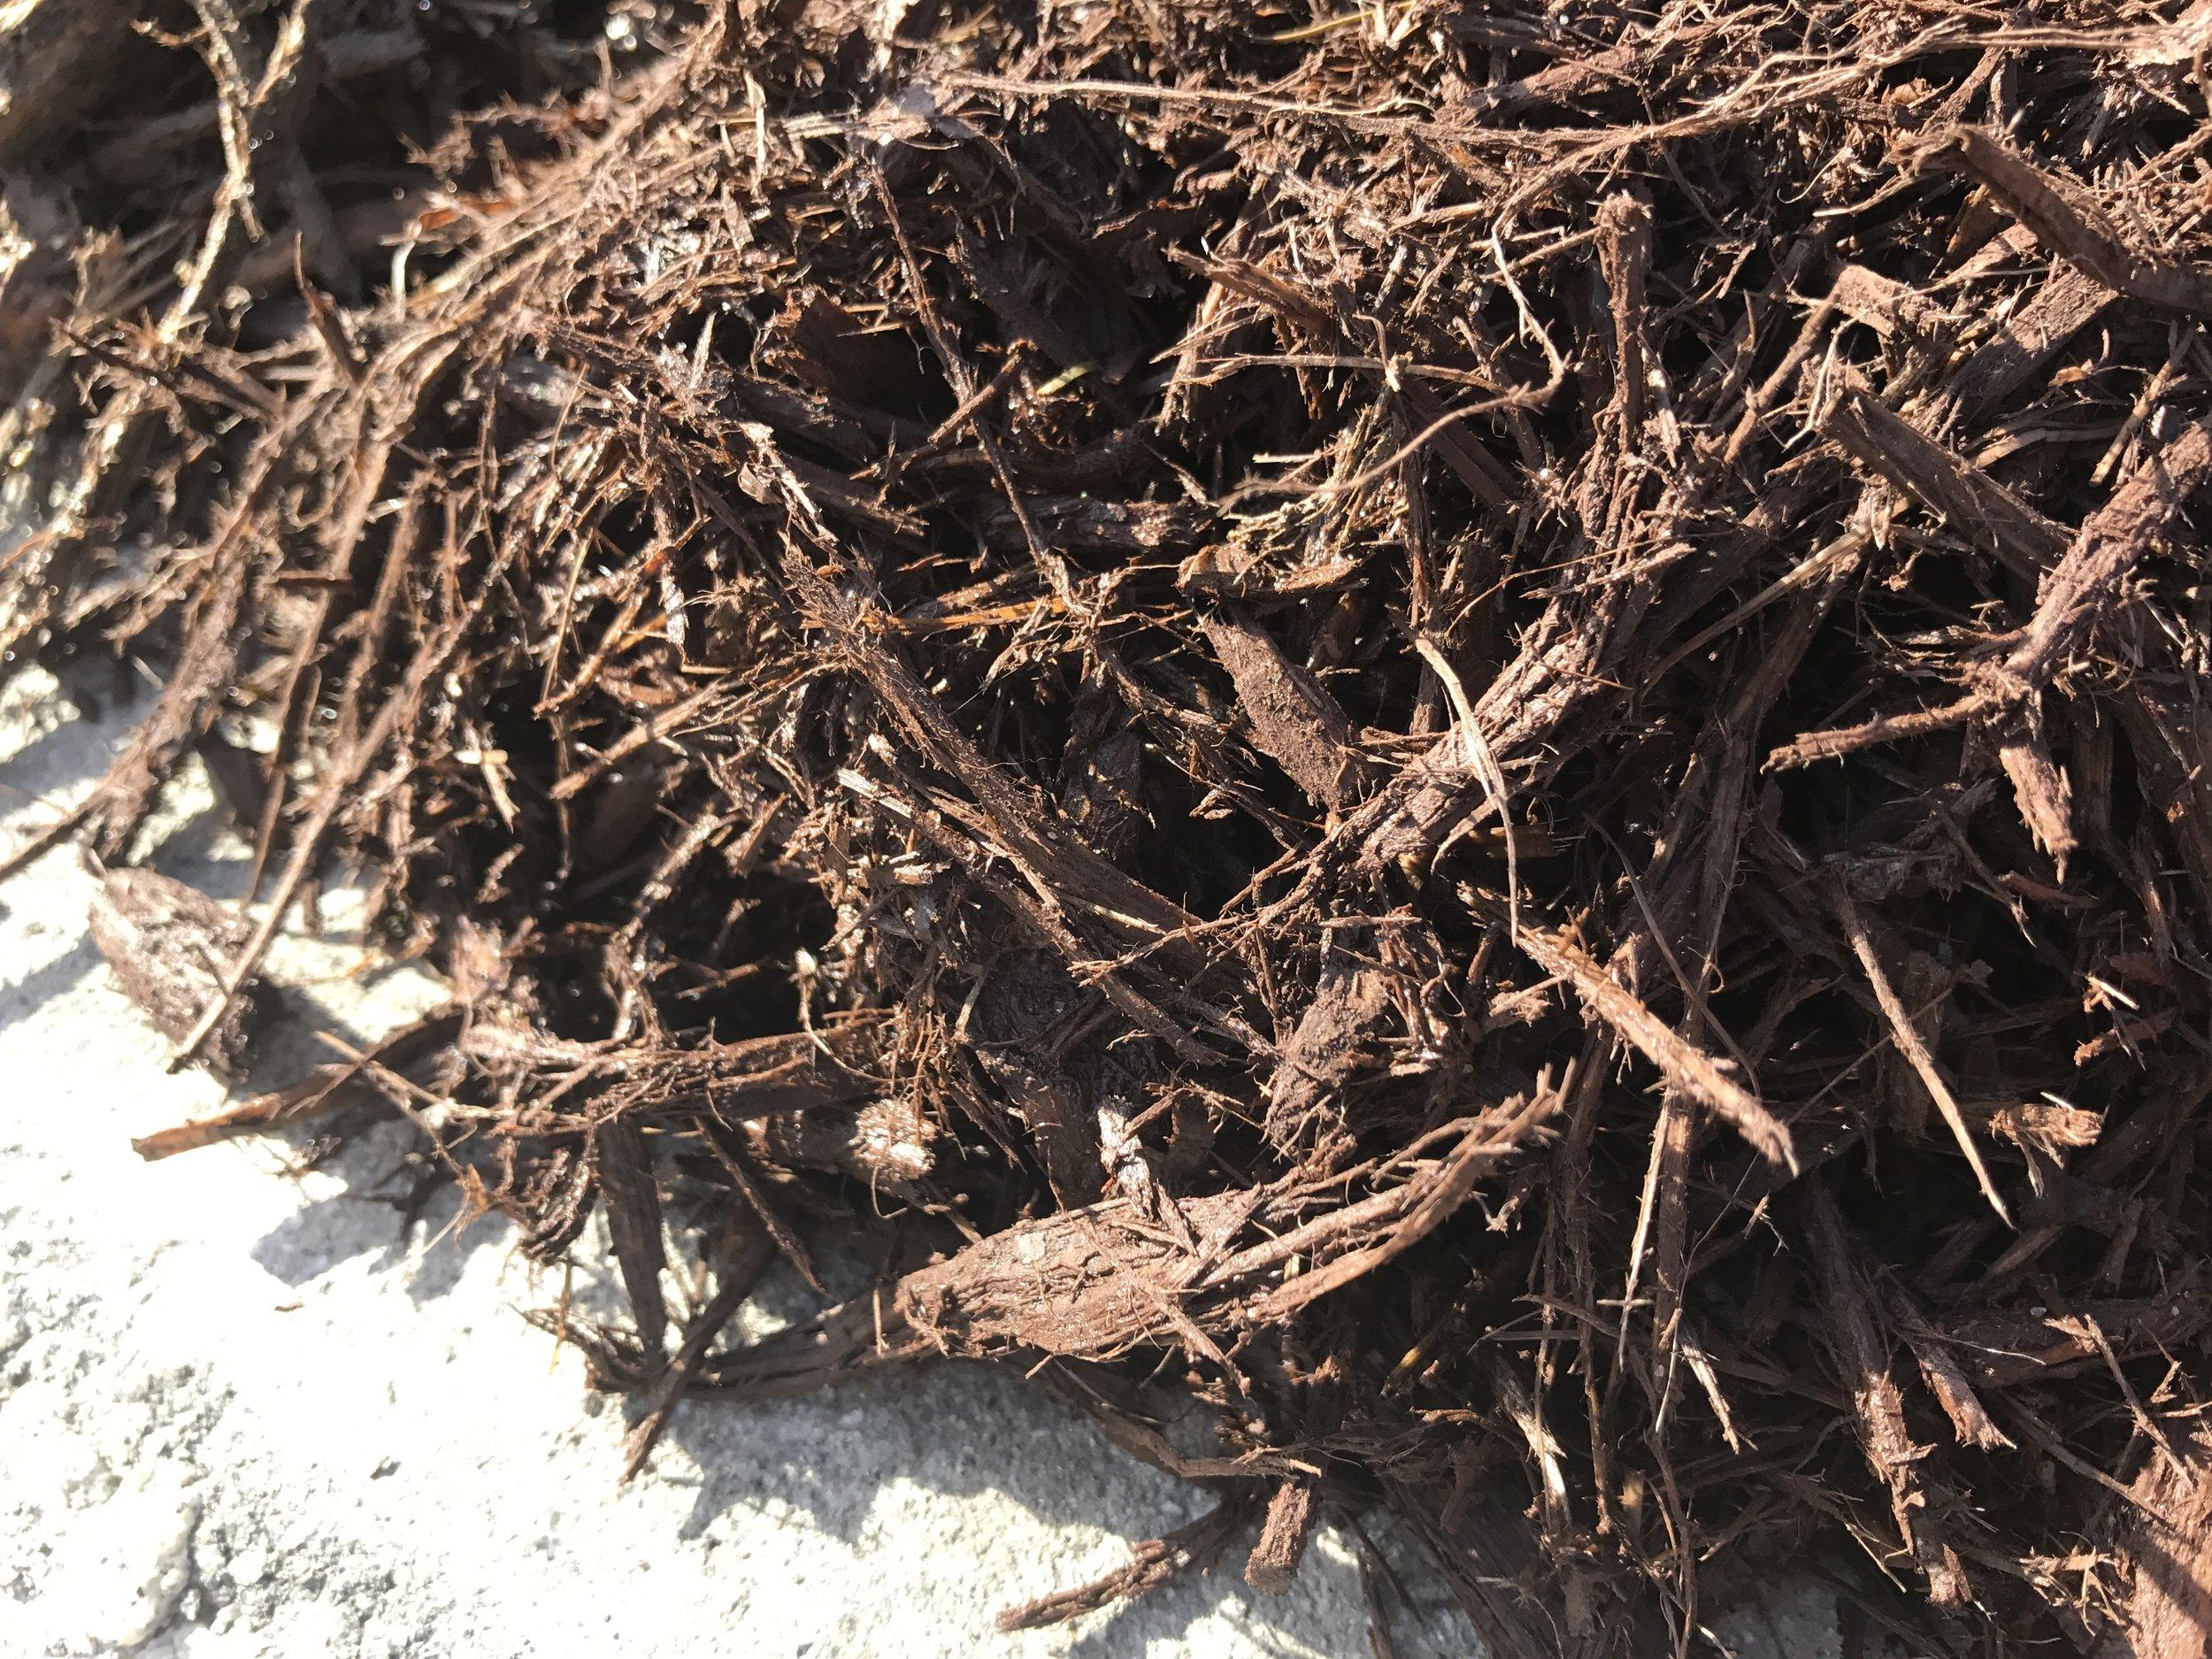 Brown Mulch Texture